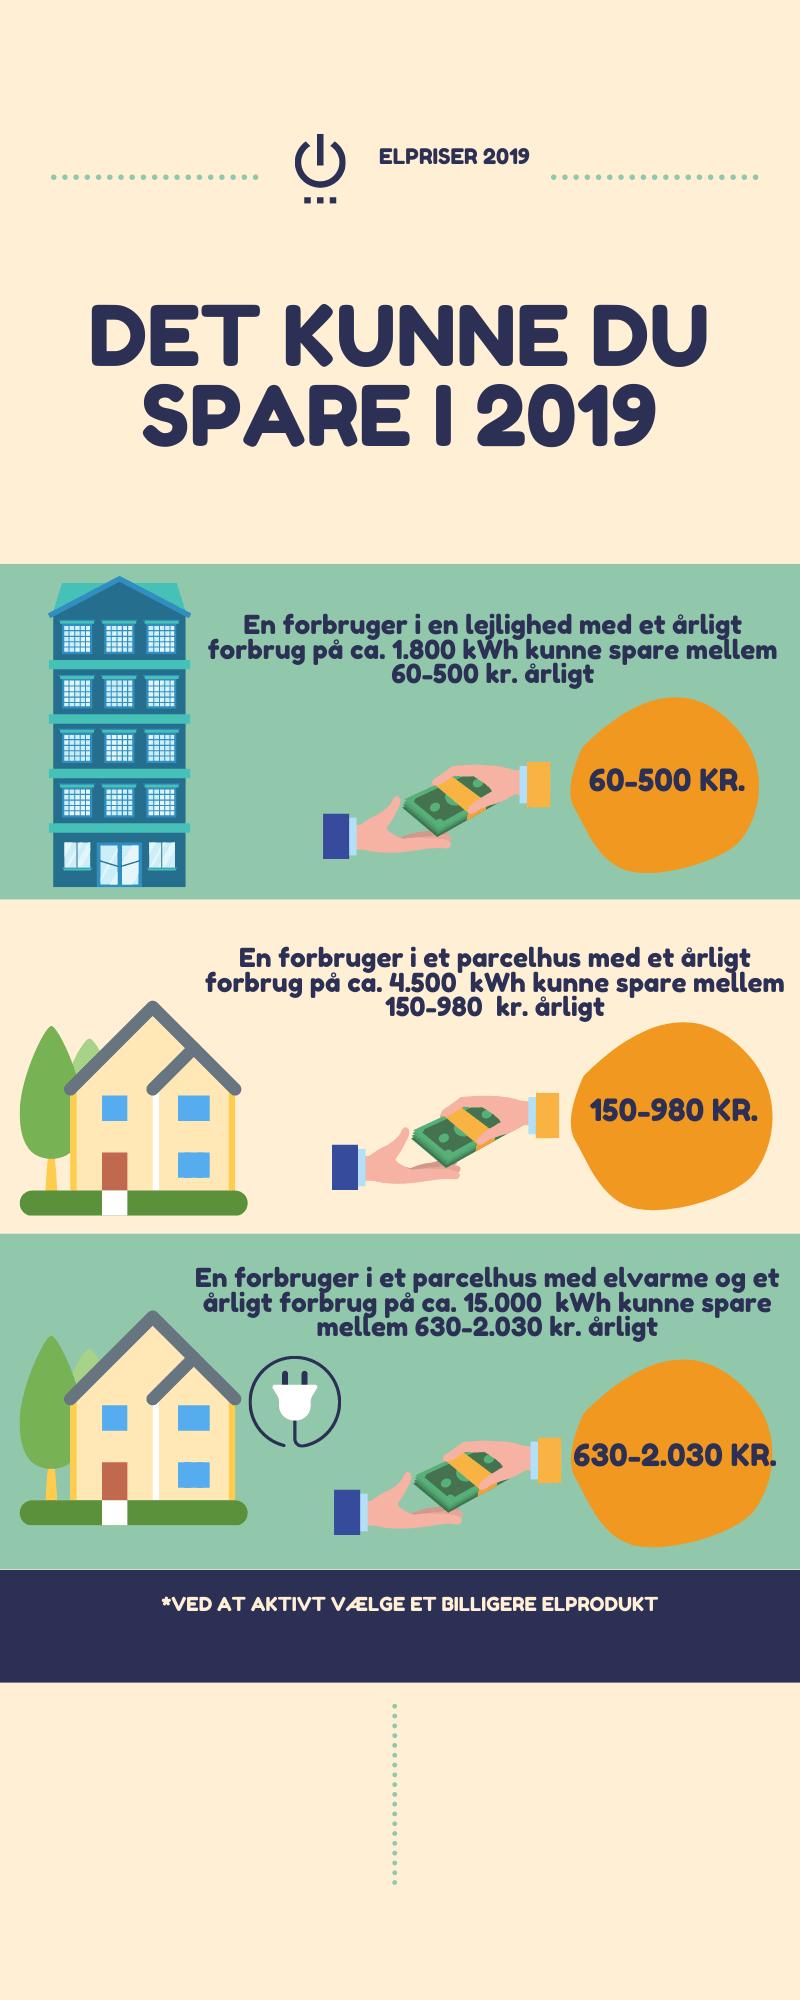 Hvad kan man i gennemsnittet spare på sine elpriser